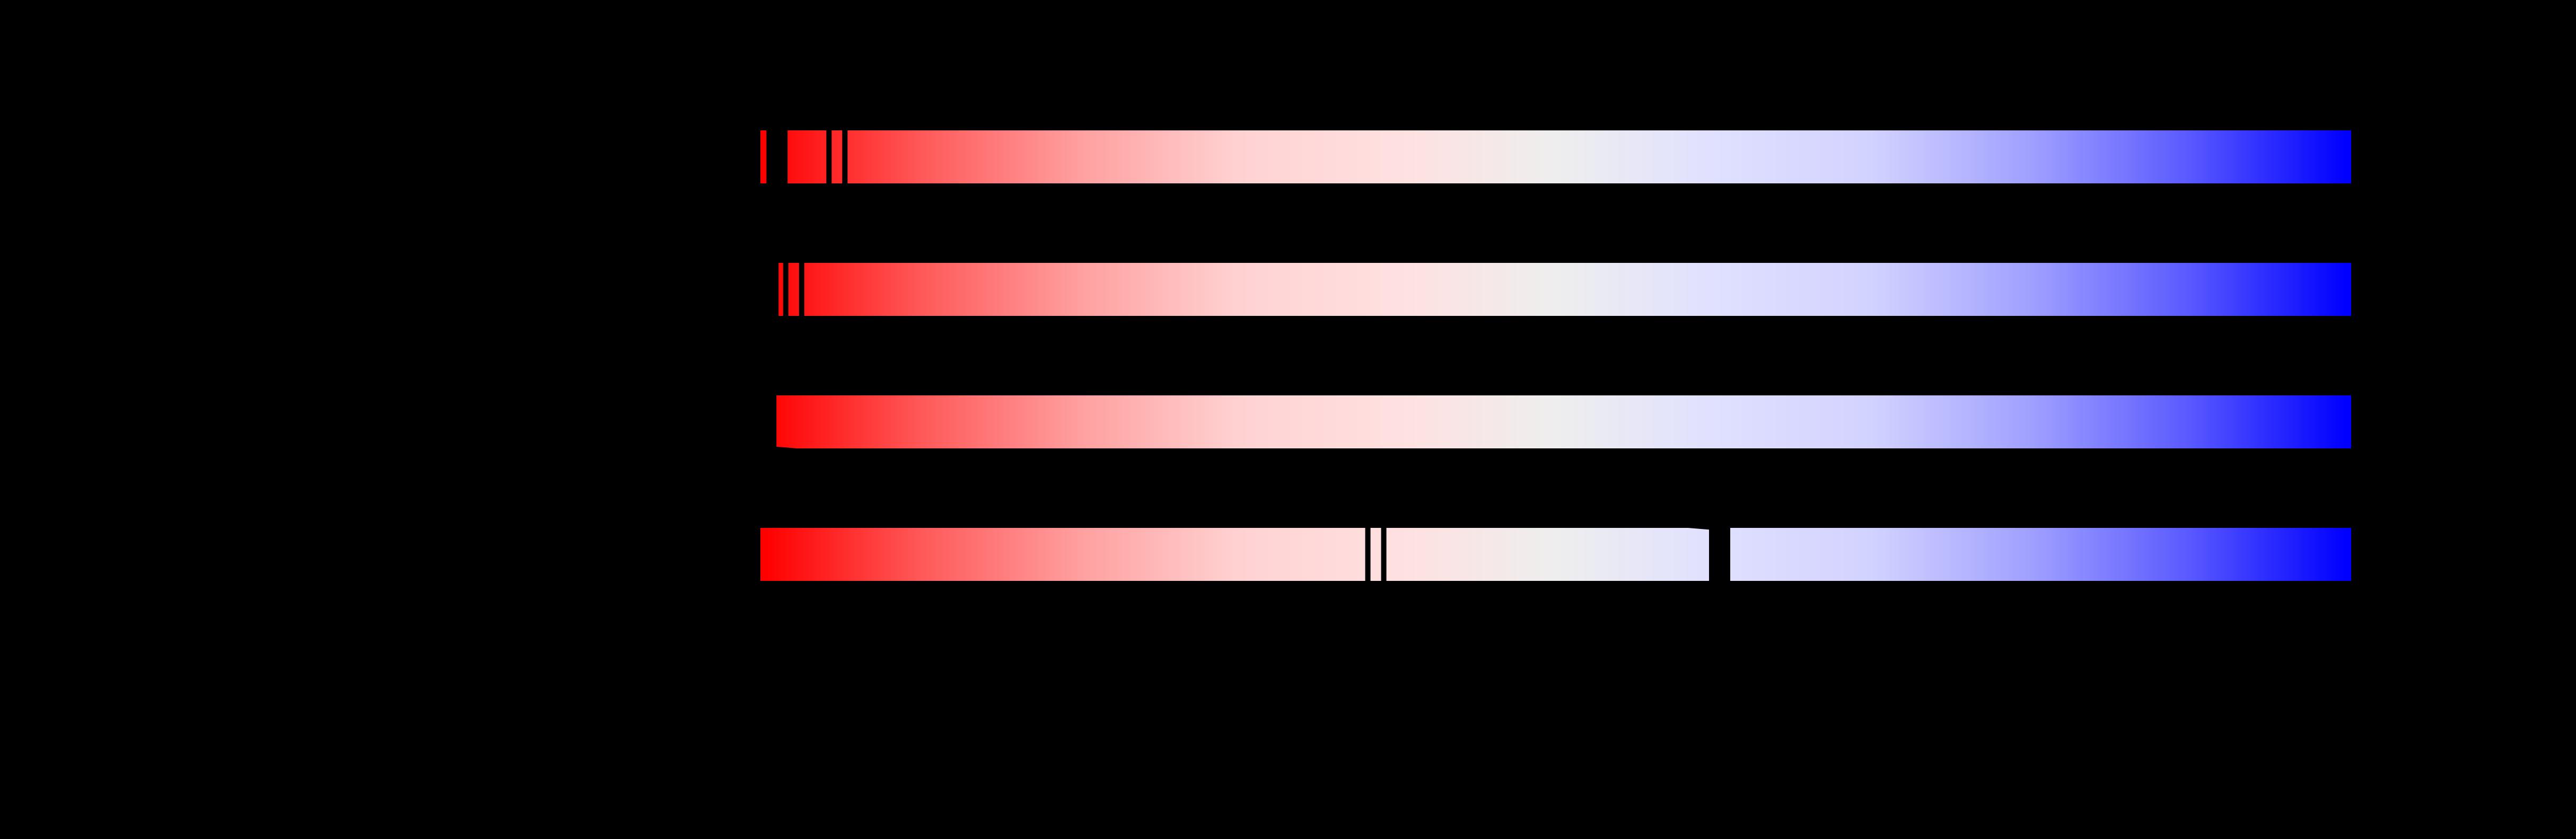 RCSB PDB - 1TF6: CO-CRYSTAL STRUCTURE OF XENOPUS TFIIIA ZINC